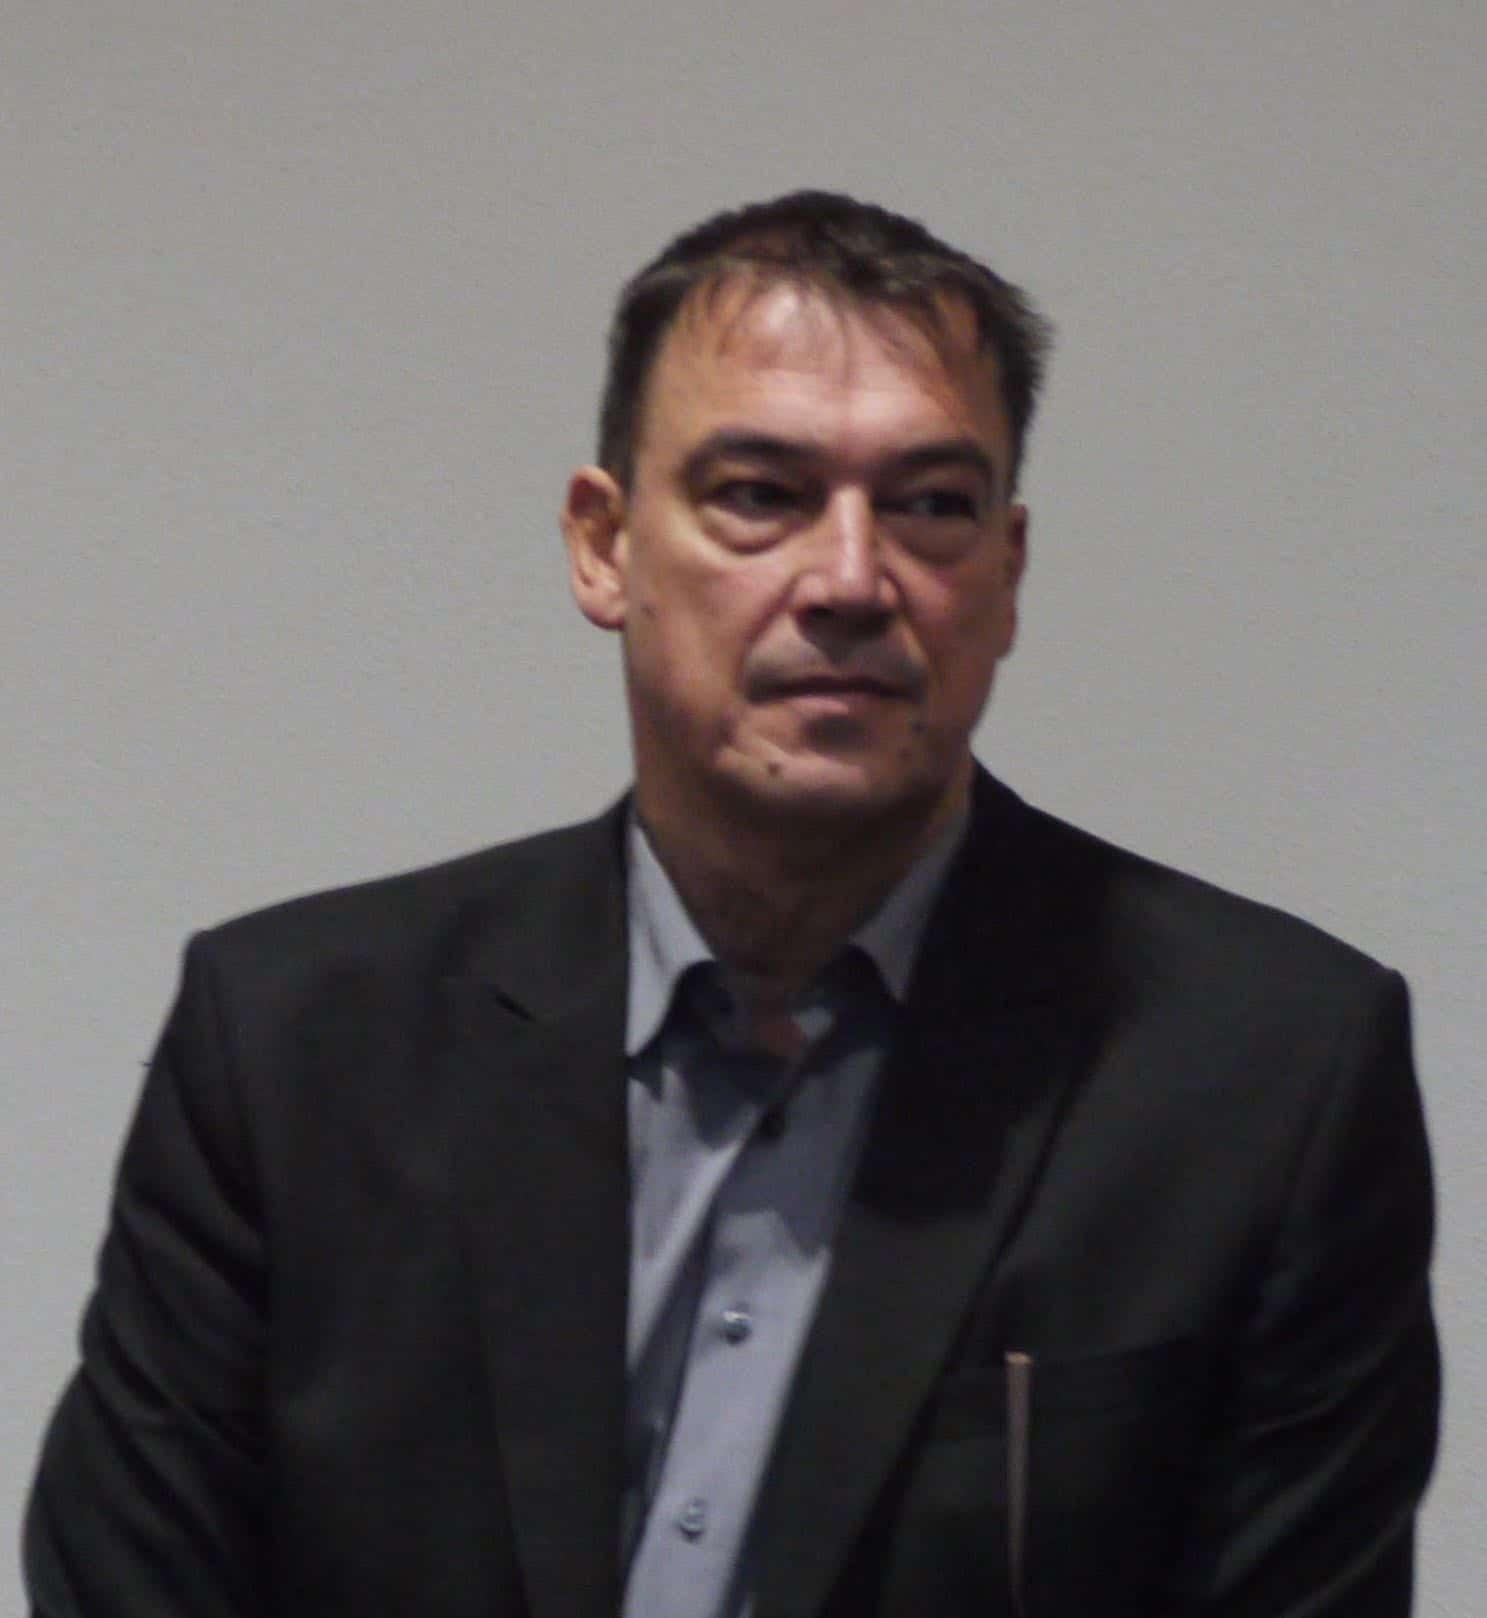 Linus Förster (c) DAZ